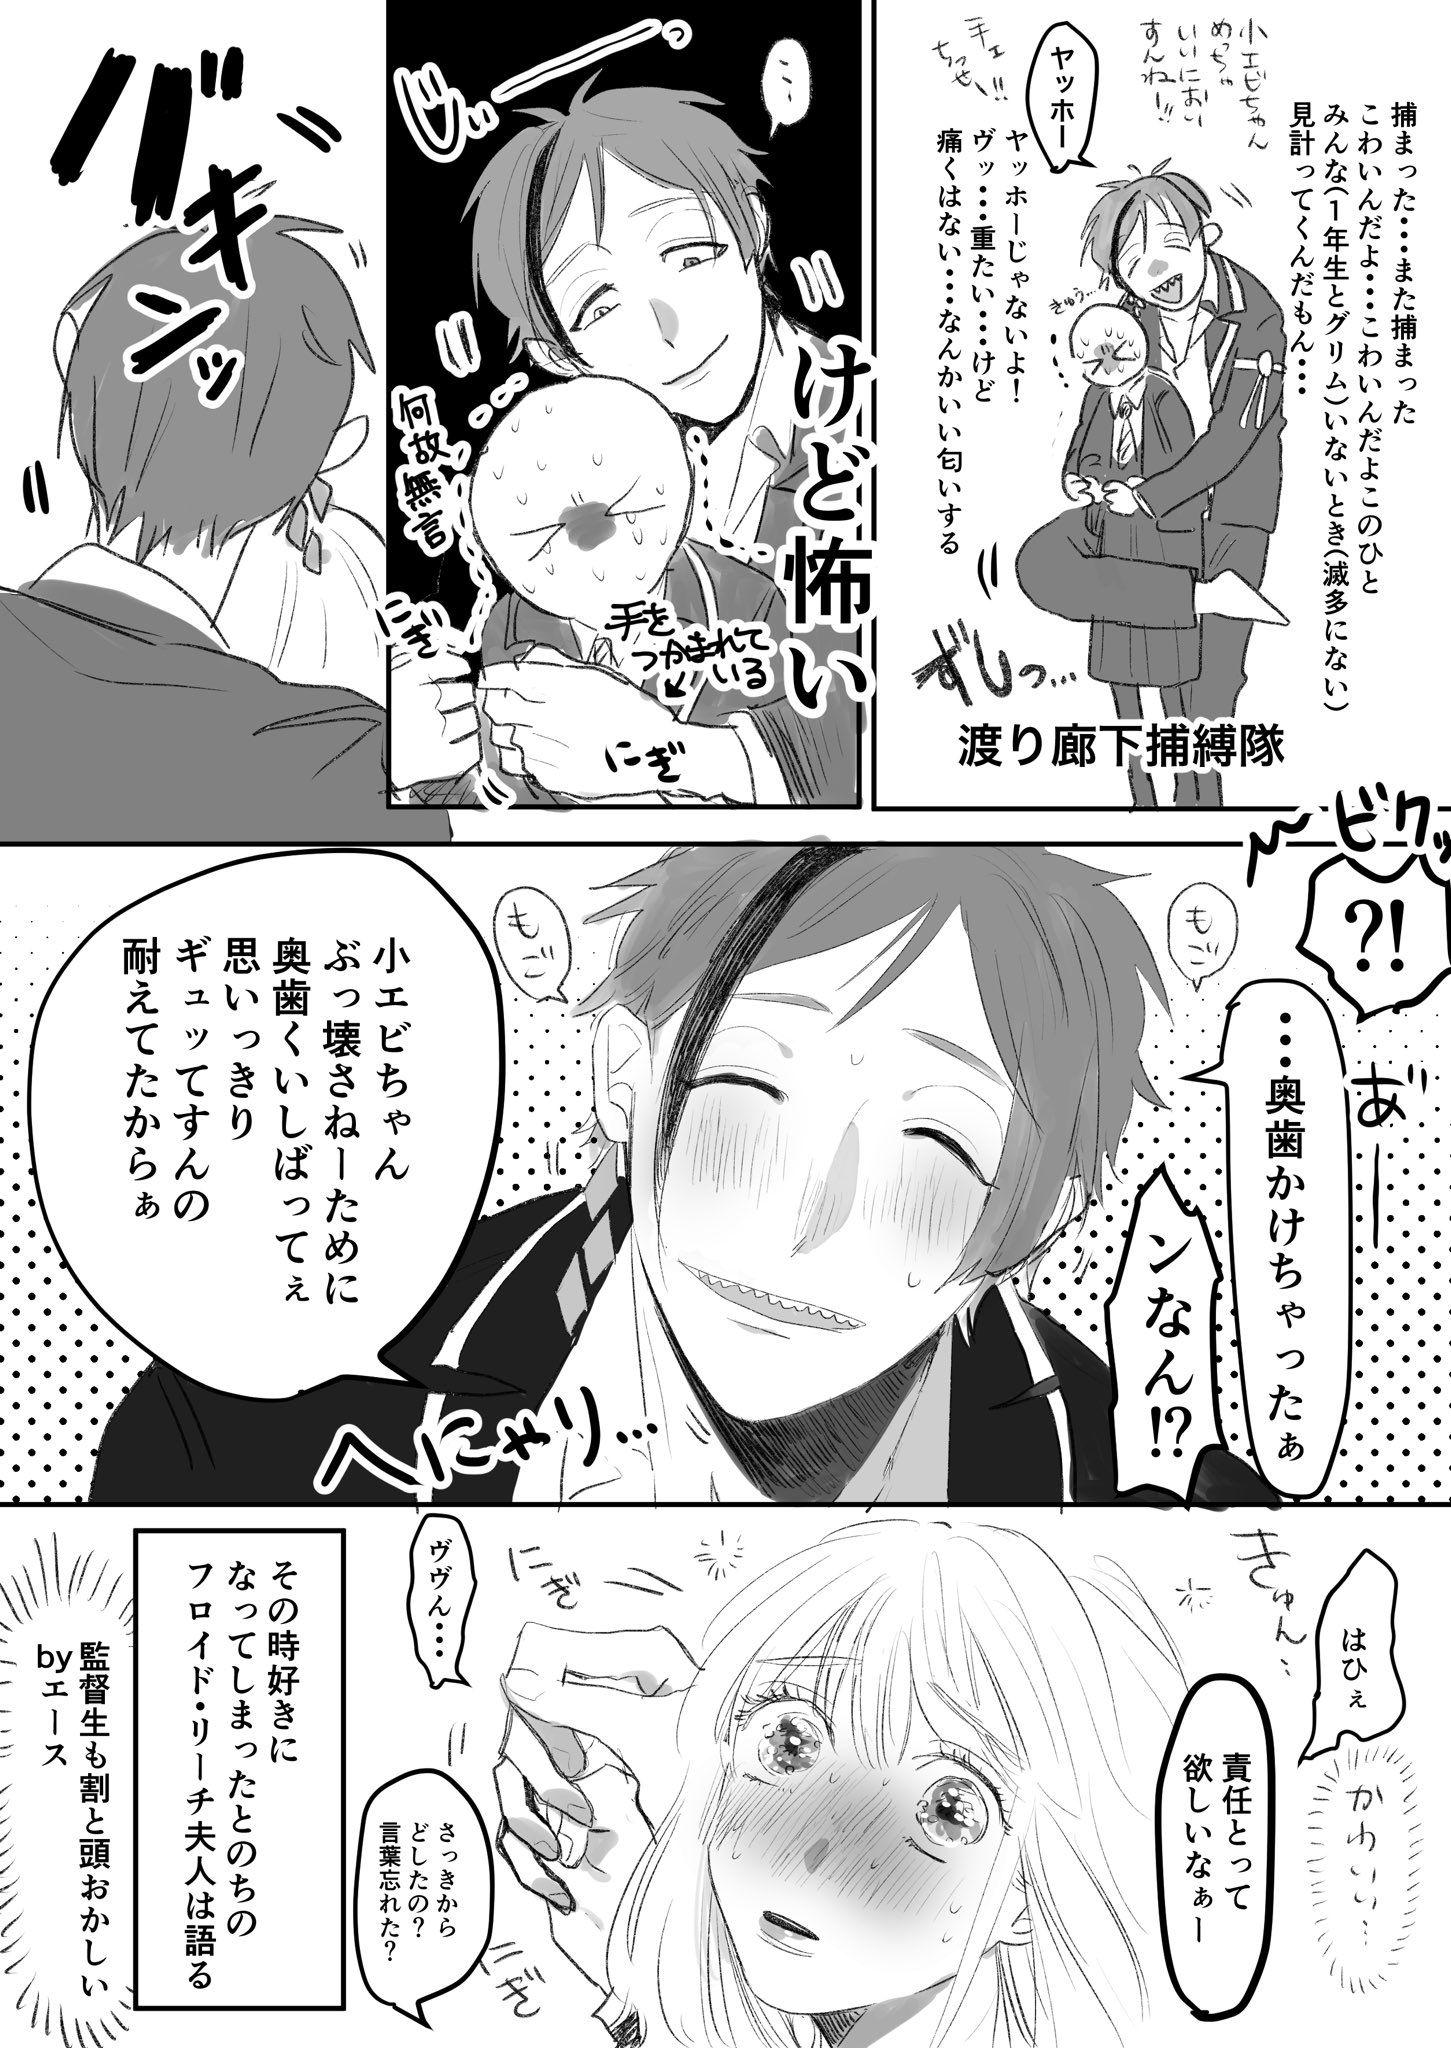 みんみろり on twitter twstプラス 監督生 思いっきり顔あり 喋る 暴力表現あり 卒業後偽造などあり なんでも許せる方向け まじでなんでも許せる方向けフロ監 good manga manga anime